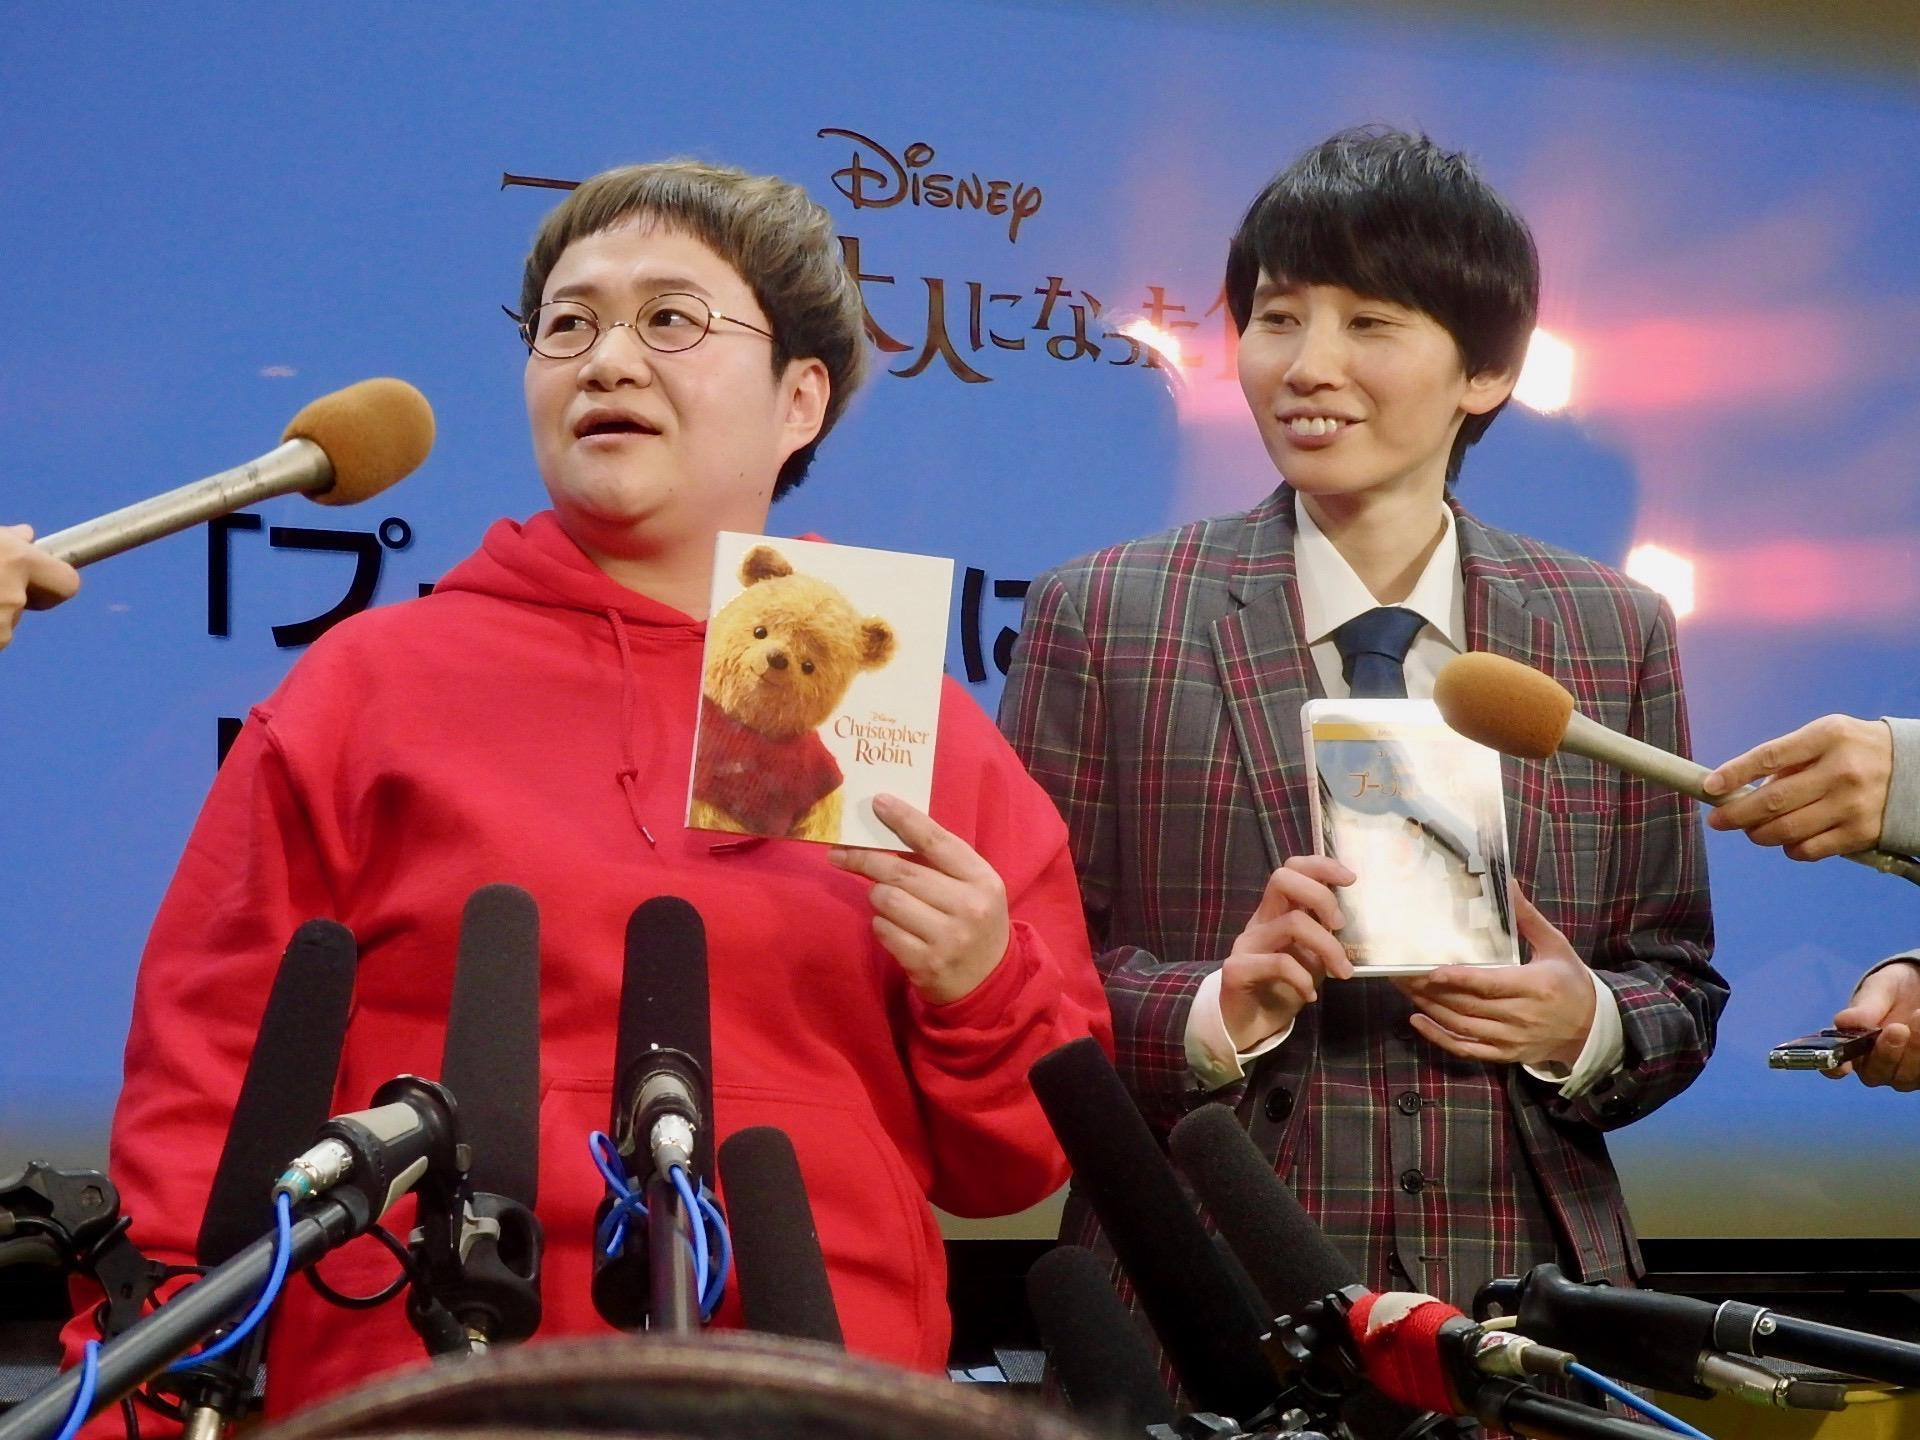 http://news.yoshimoto.co.jp/20181207005932-5a0421c86f4d4fed3720eb54fcb827d0bbb81509.jpeg